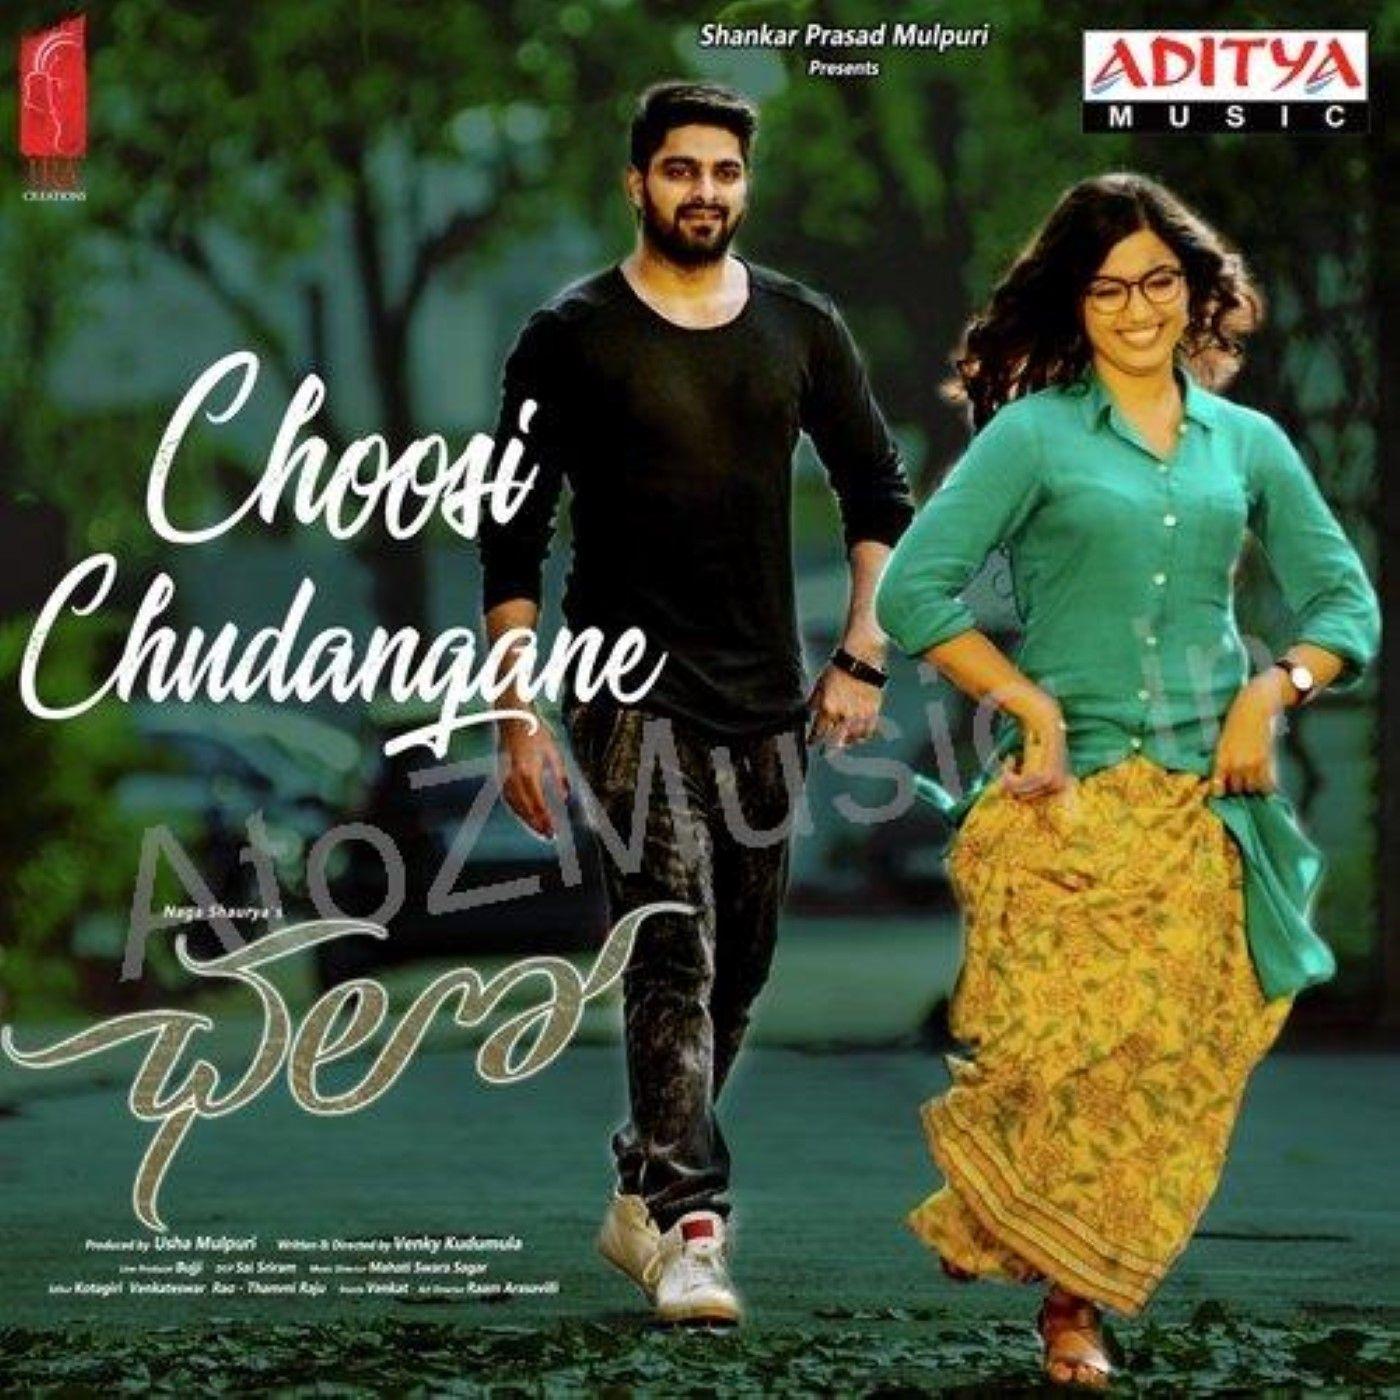 Chalo (2017) Telugu Mp3 Songs Free Download | AtoZMusiq in